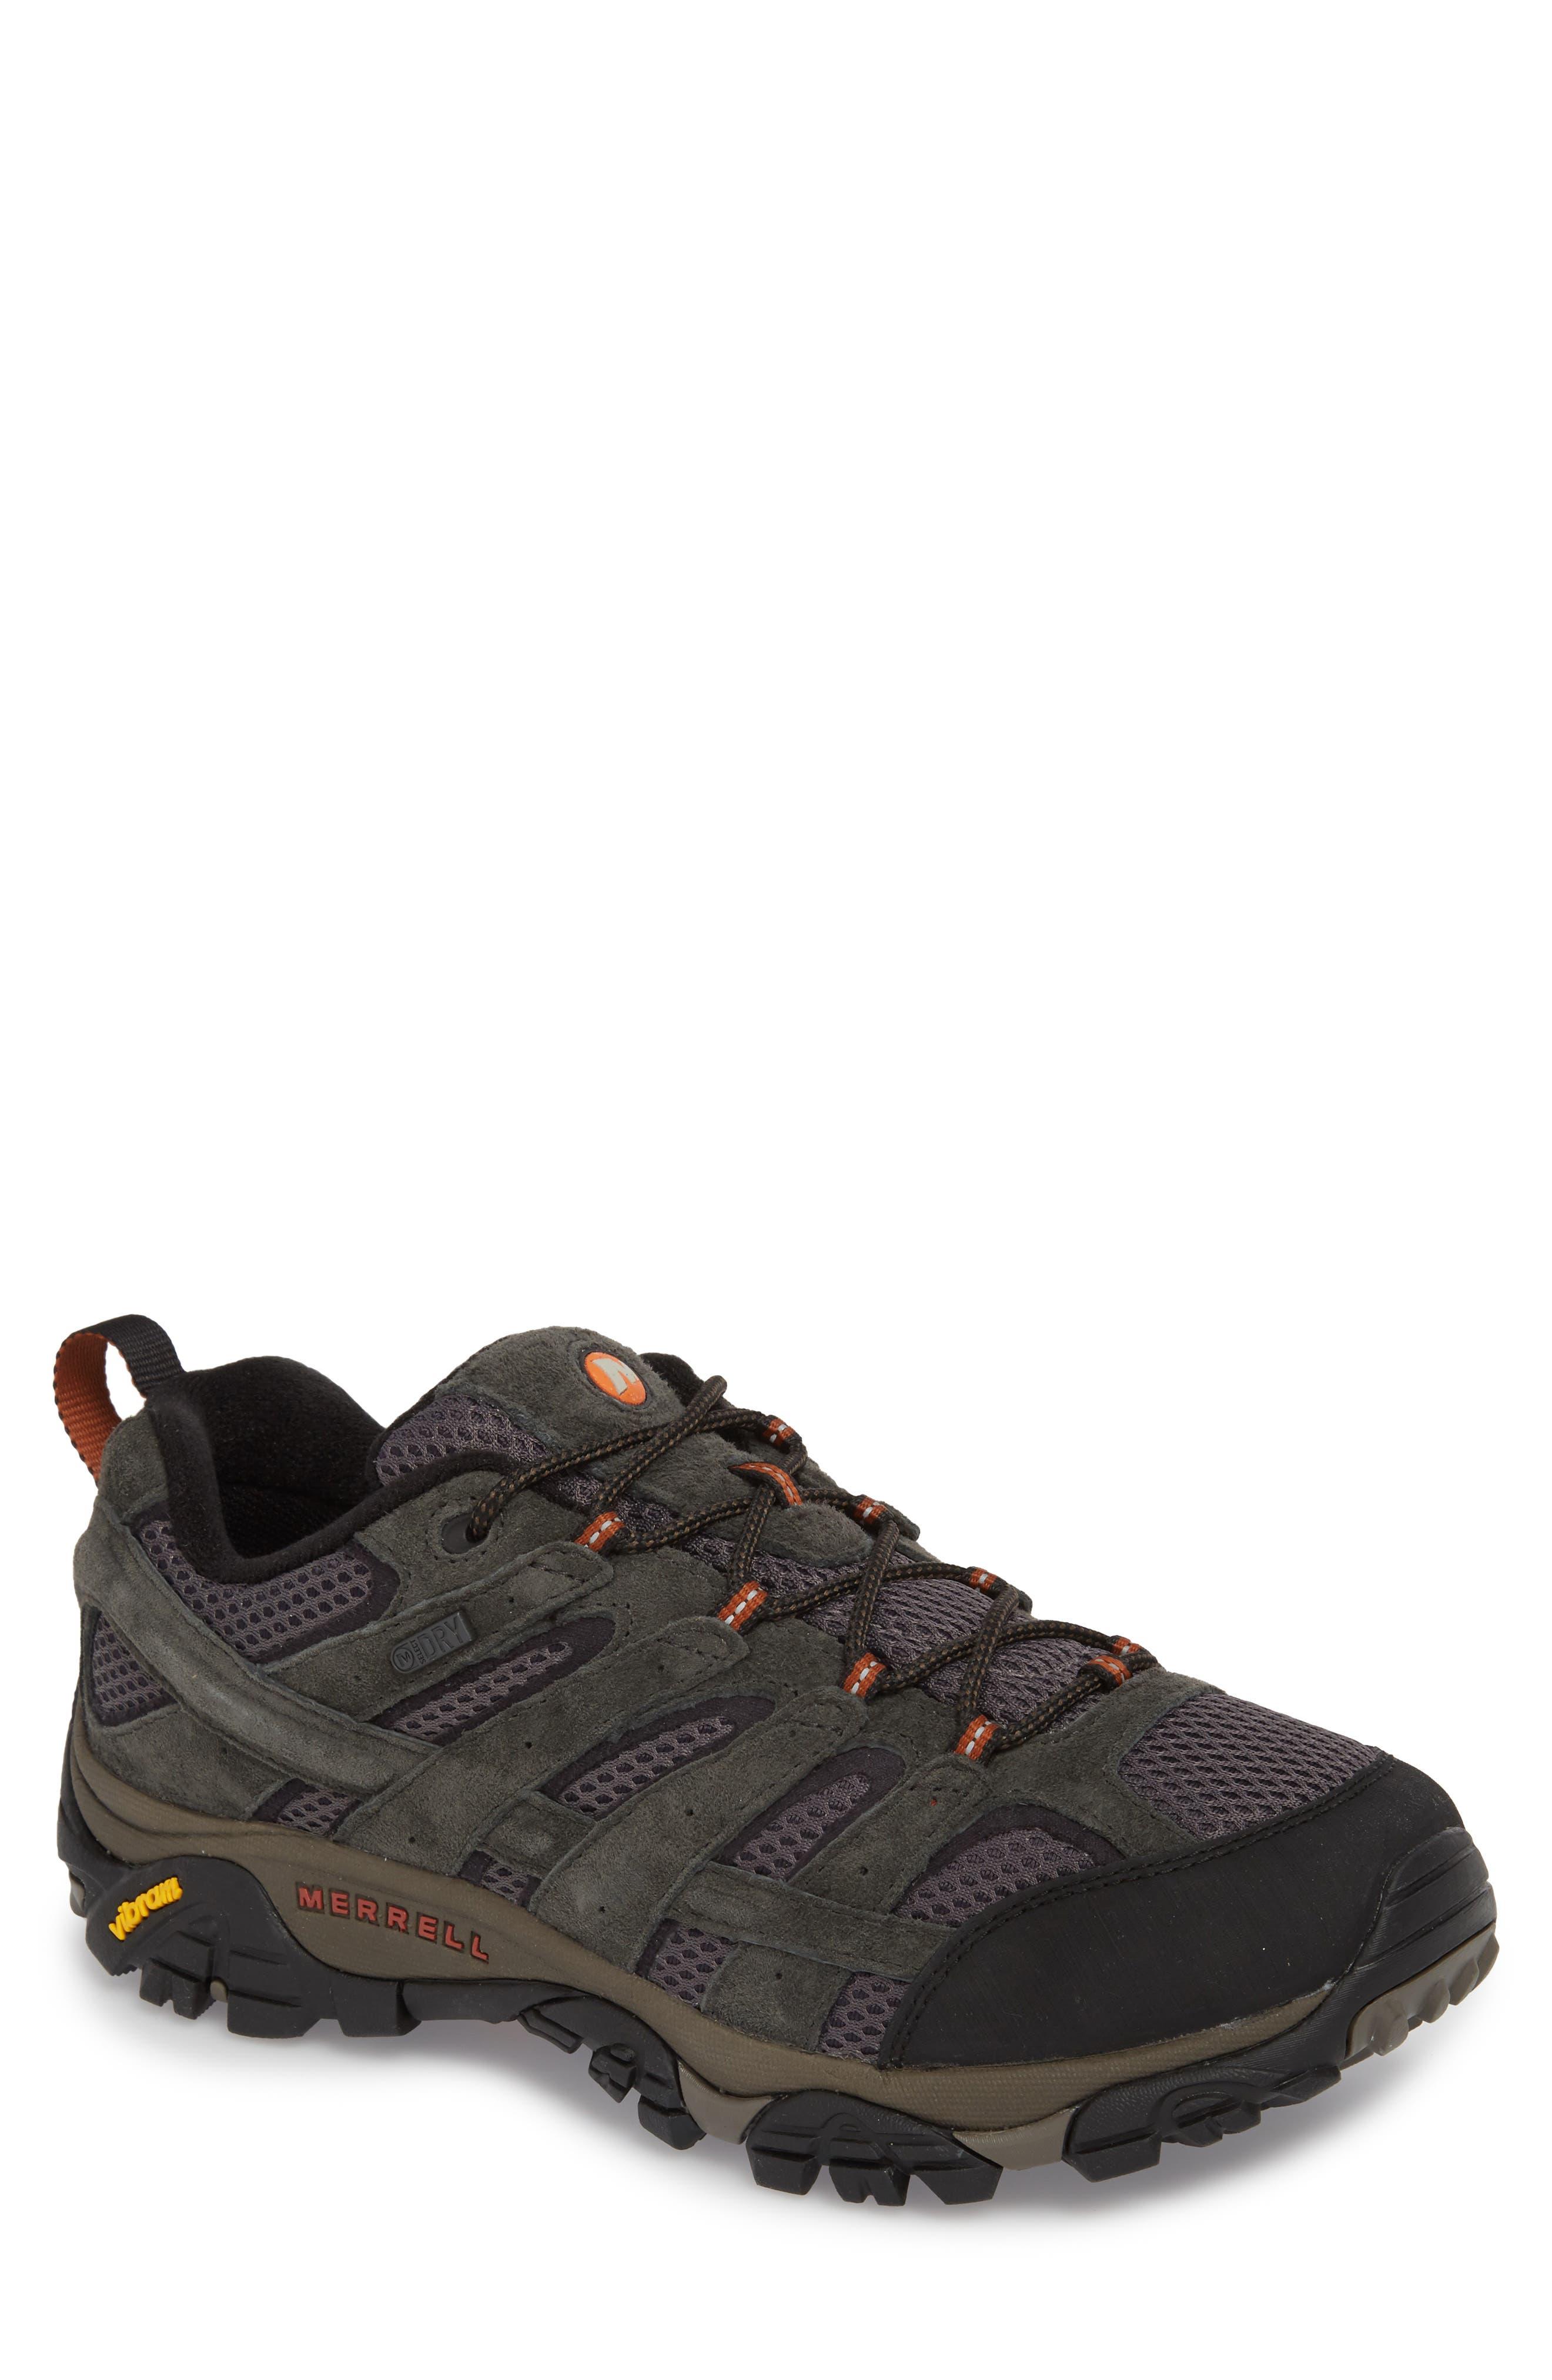 Moab 2 Waterproof HIking Shoe,                             Main thumbnail 1, color,                             Beluga/ Beluga